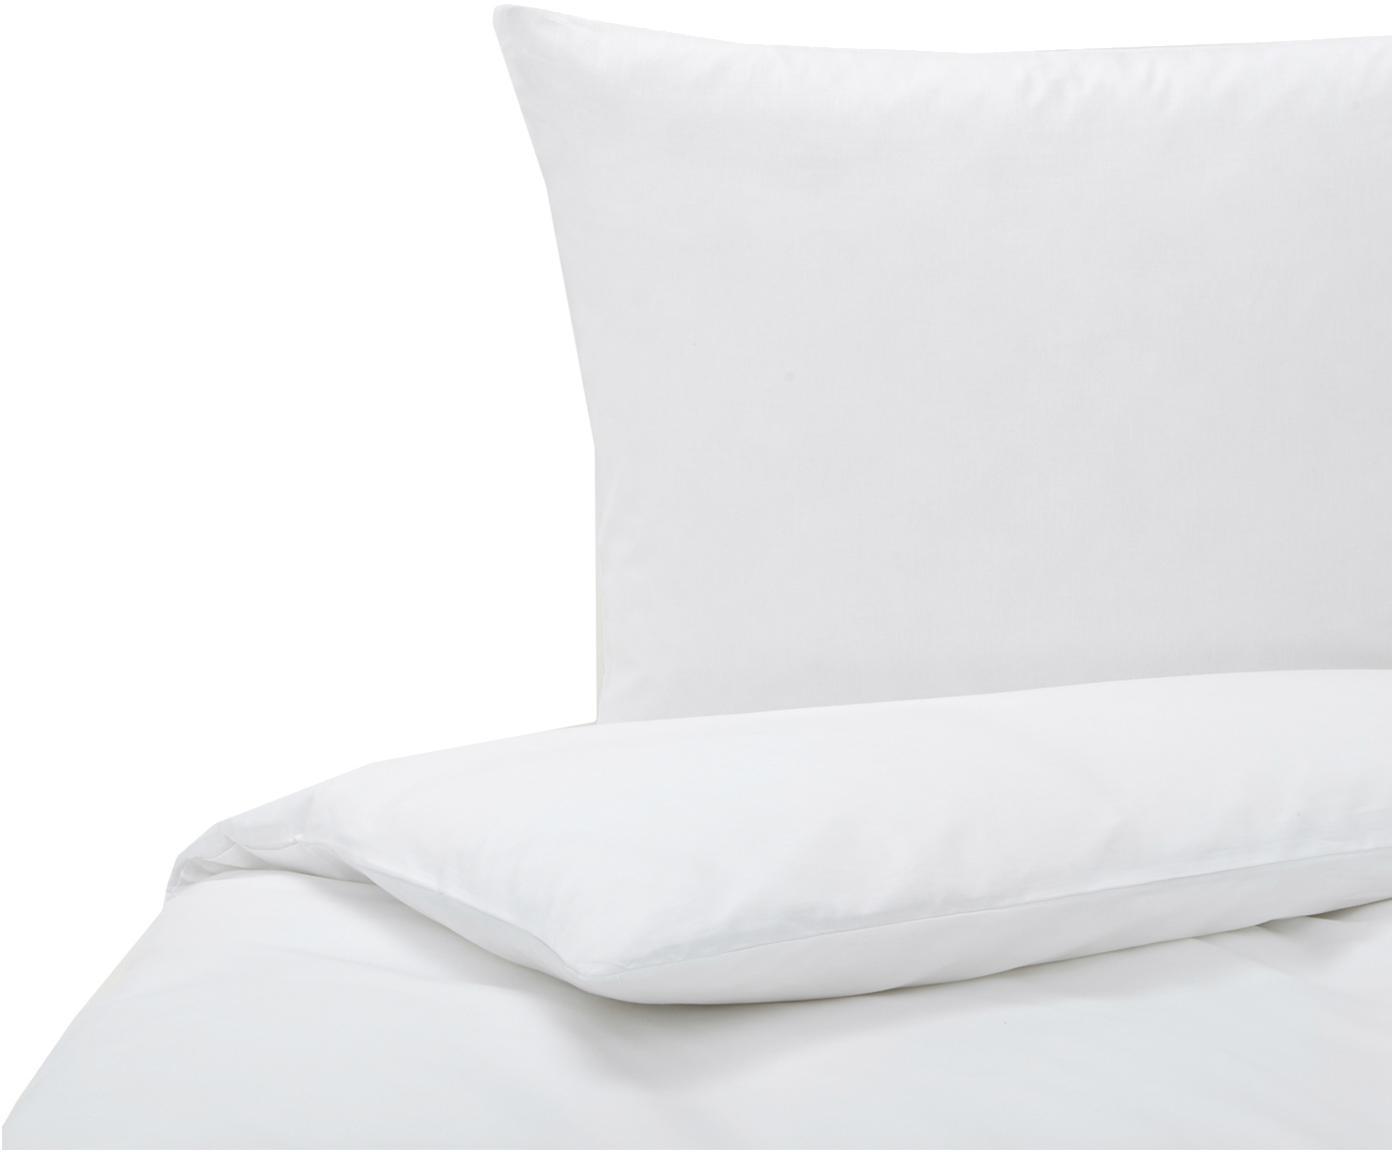 Baumwoll-Bettwäsche Weekend in Weiß, 100% Baumwolle Bettwäsche aus Baumwolle fühlt sich auf der Haut angenehm weich an, nimmt Feuchtigkeit gut auf und eignet sich für Allergiker., Weiß, 135 x 200 cm + 1 Kissen 80 x 80 cm